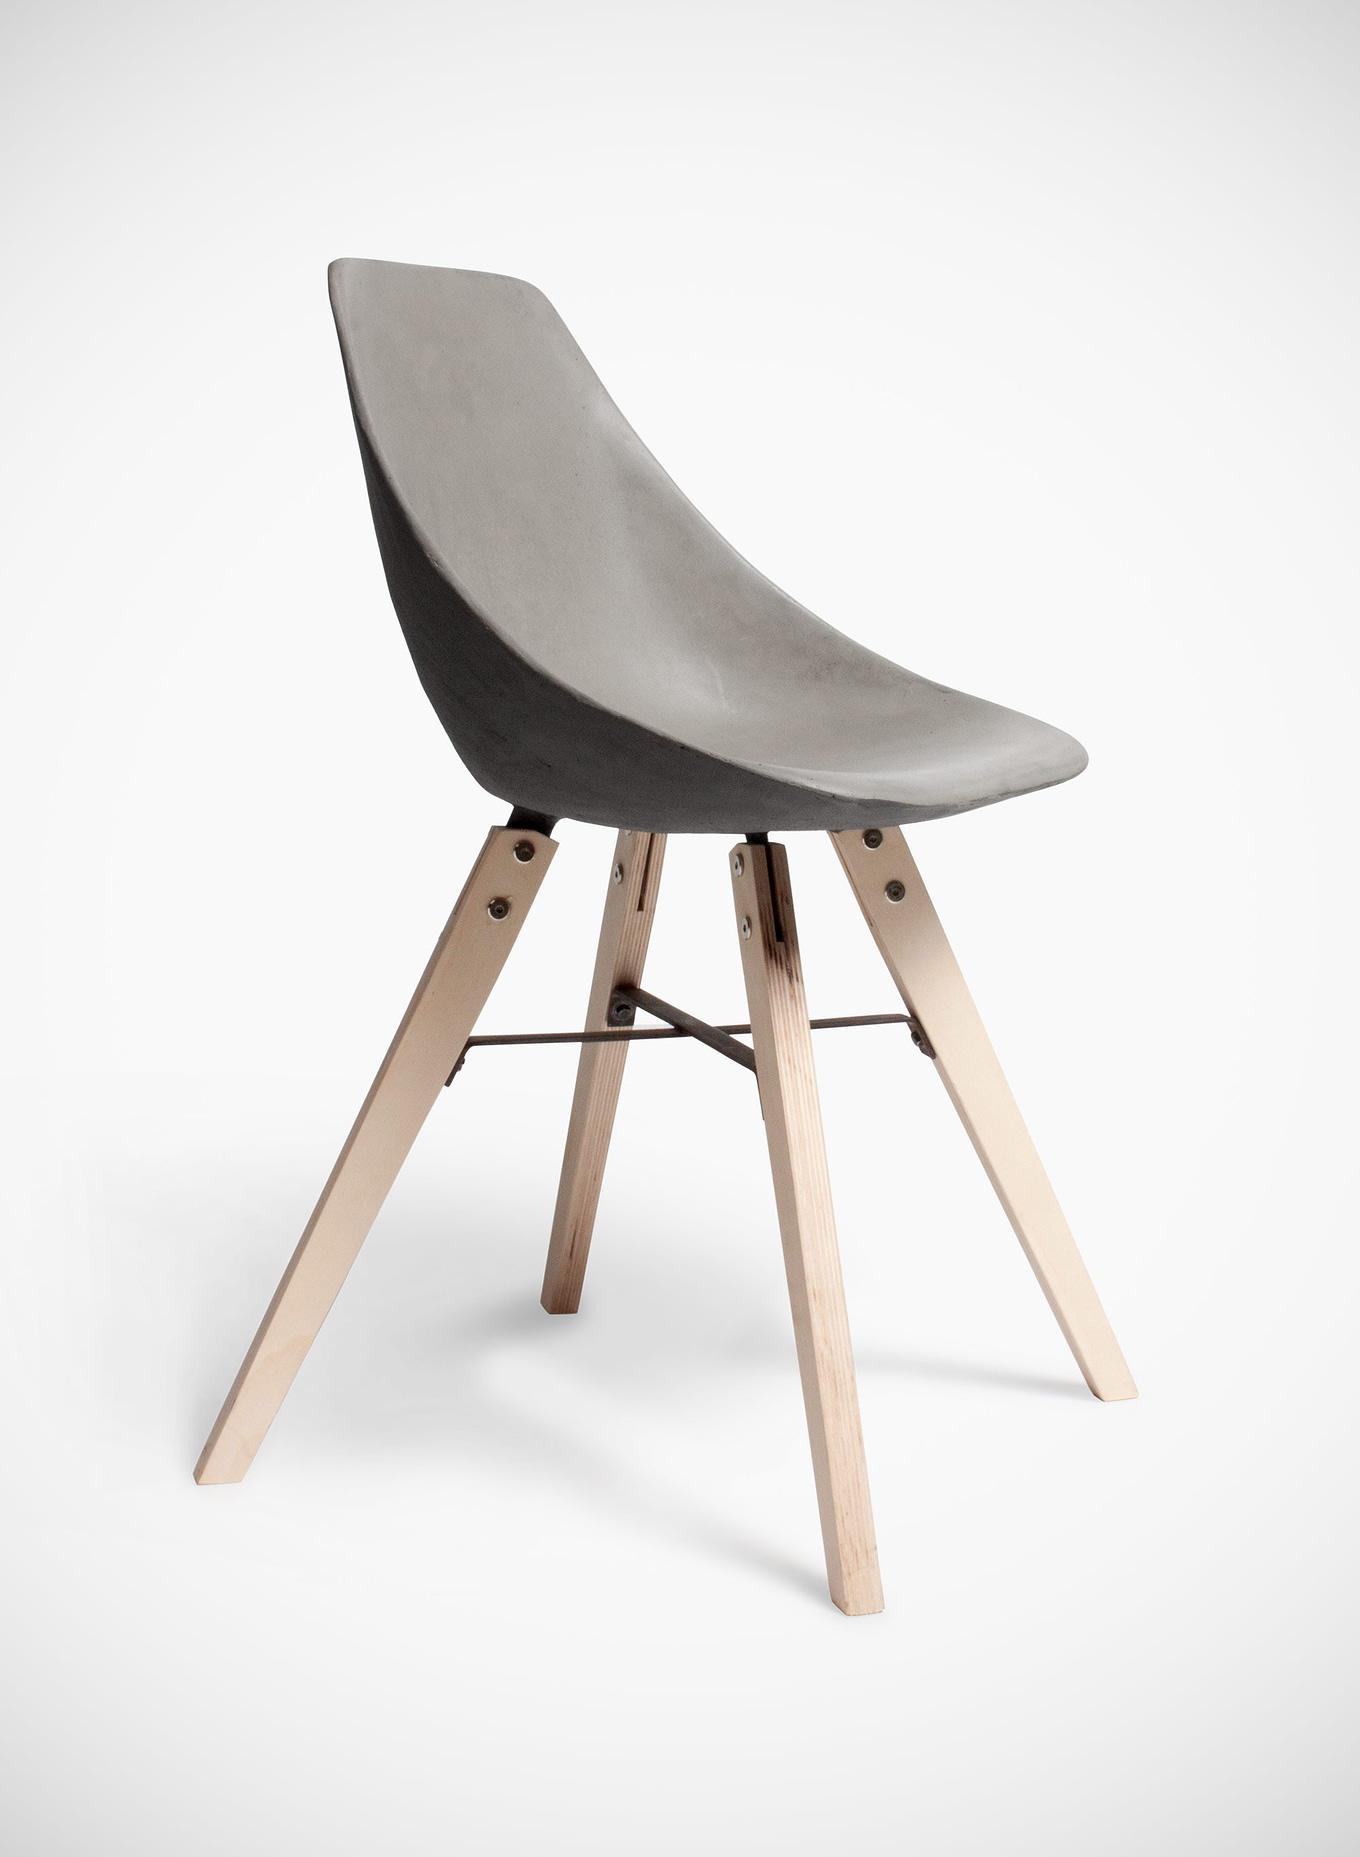 hauteville-conctete-chair-wood-legs-gessato-2